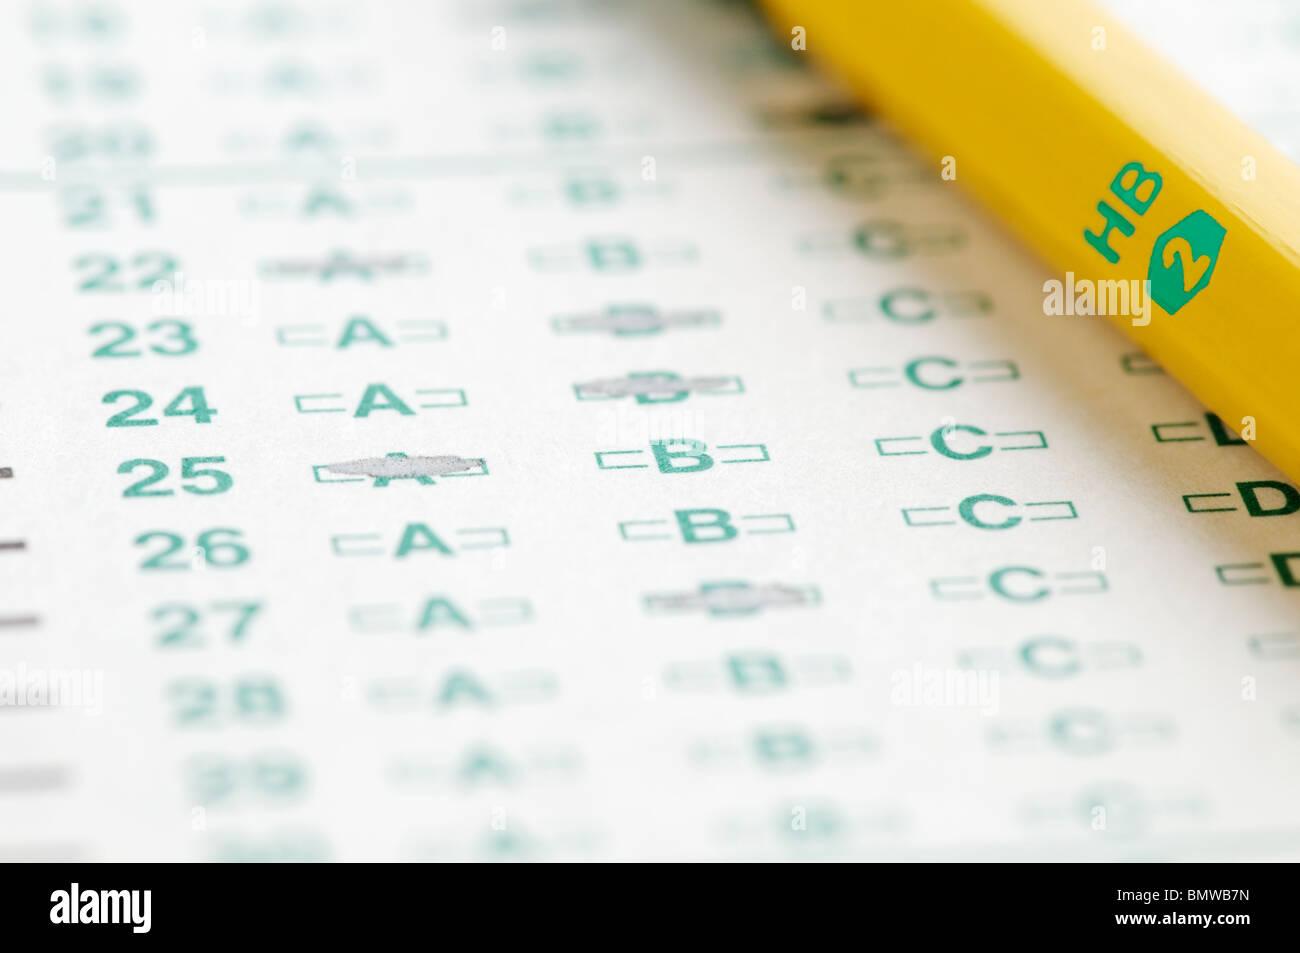 Feuille-réponses de l'analyse optique avec #2 crayon représentant le test. Photo Stock